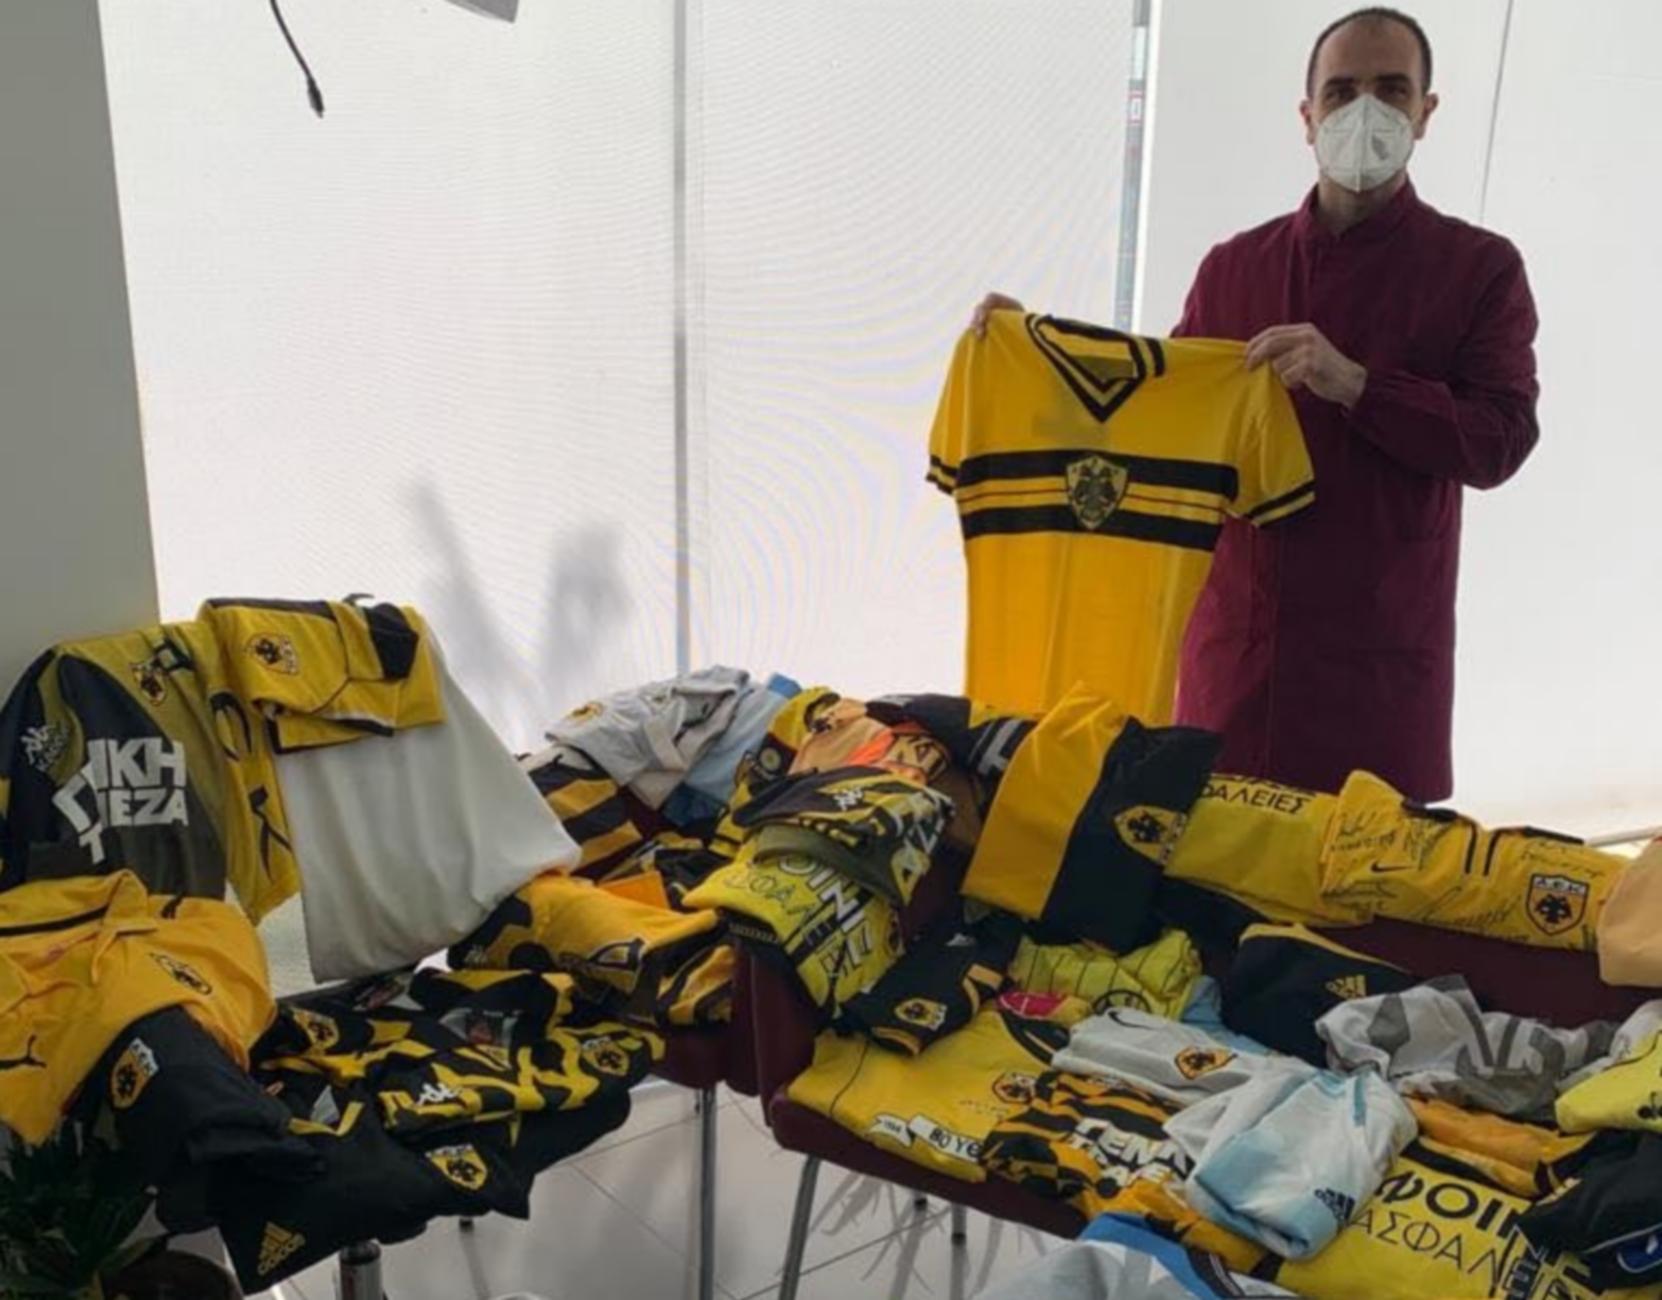 Οπαδός της ΑΕΚ δώρισε 55 συλλεκτικές φανέλες για το μουσείο της «Αγιά Σοφιάς» (pics)